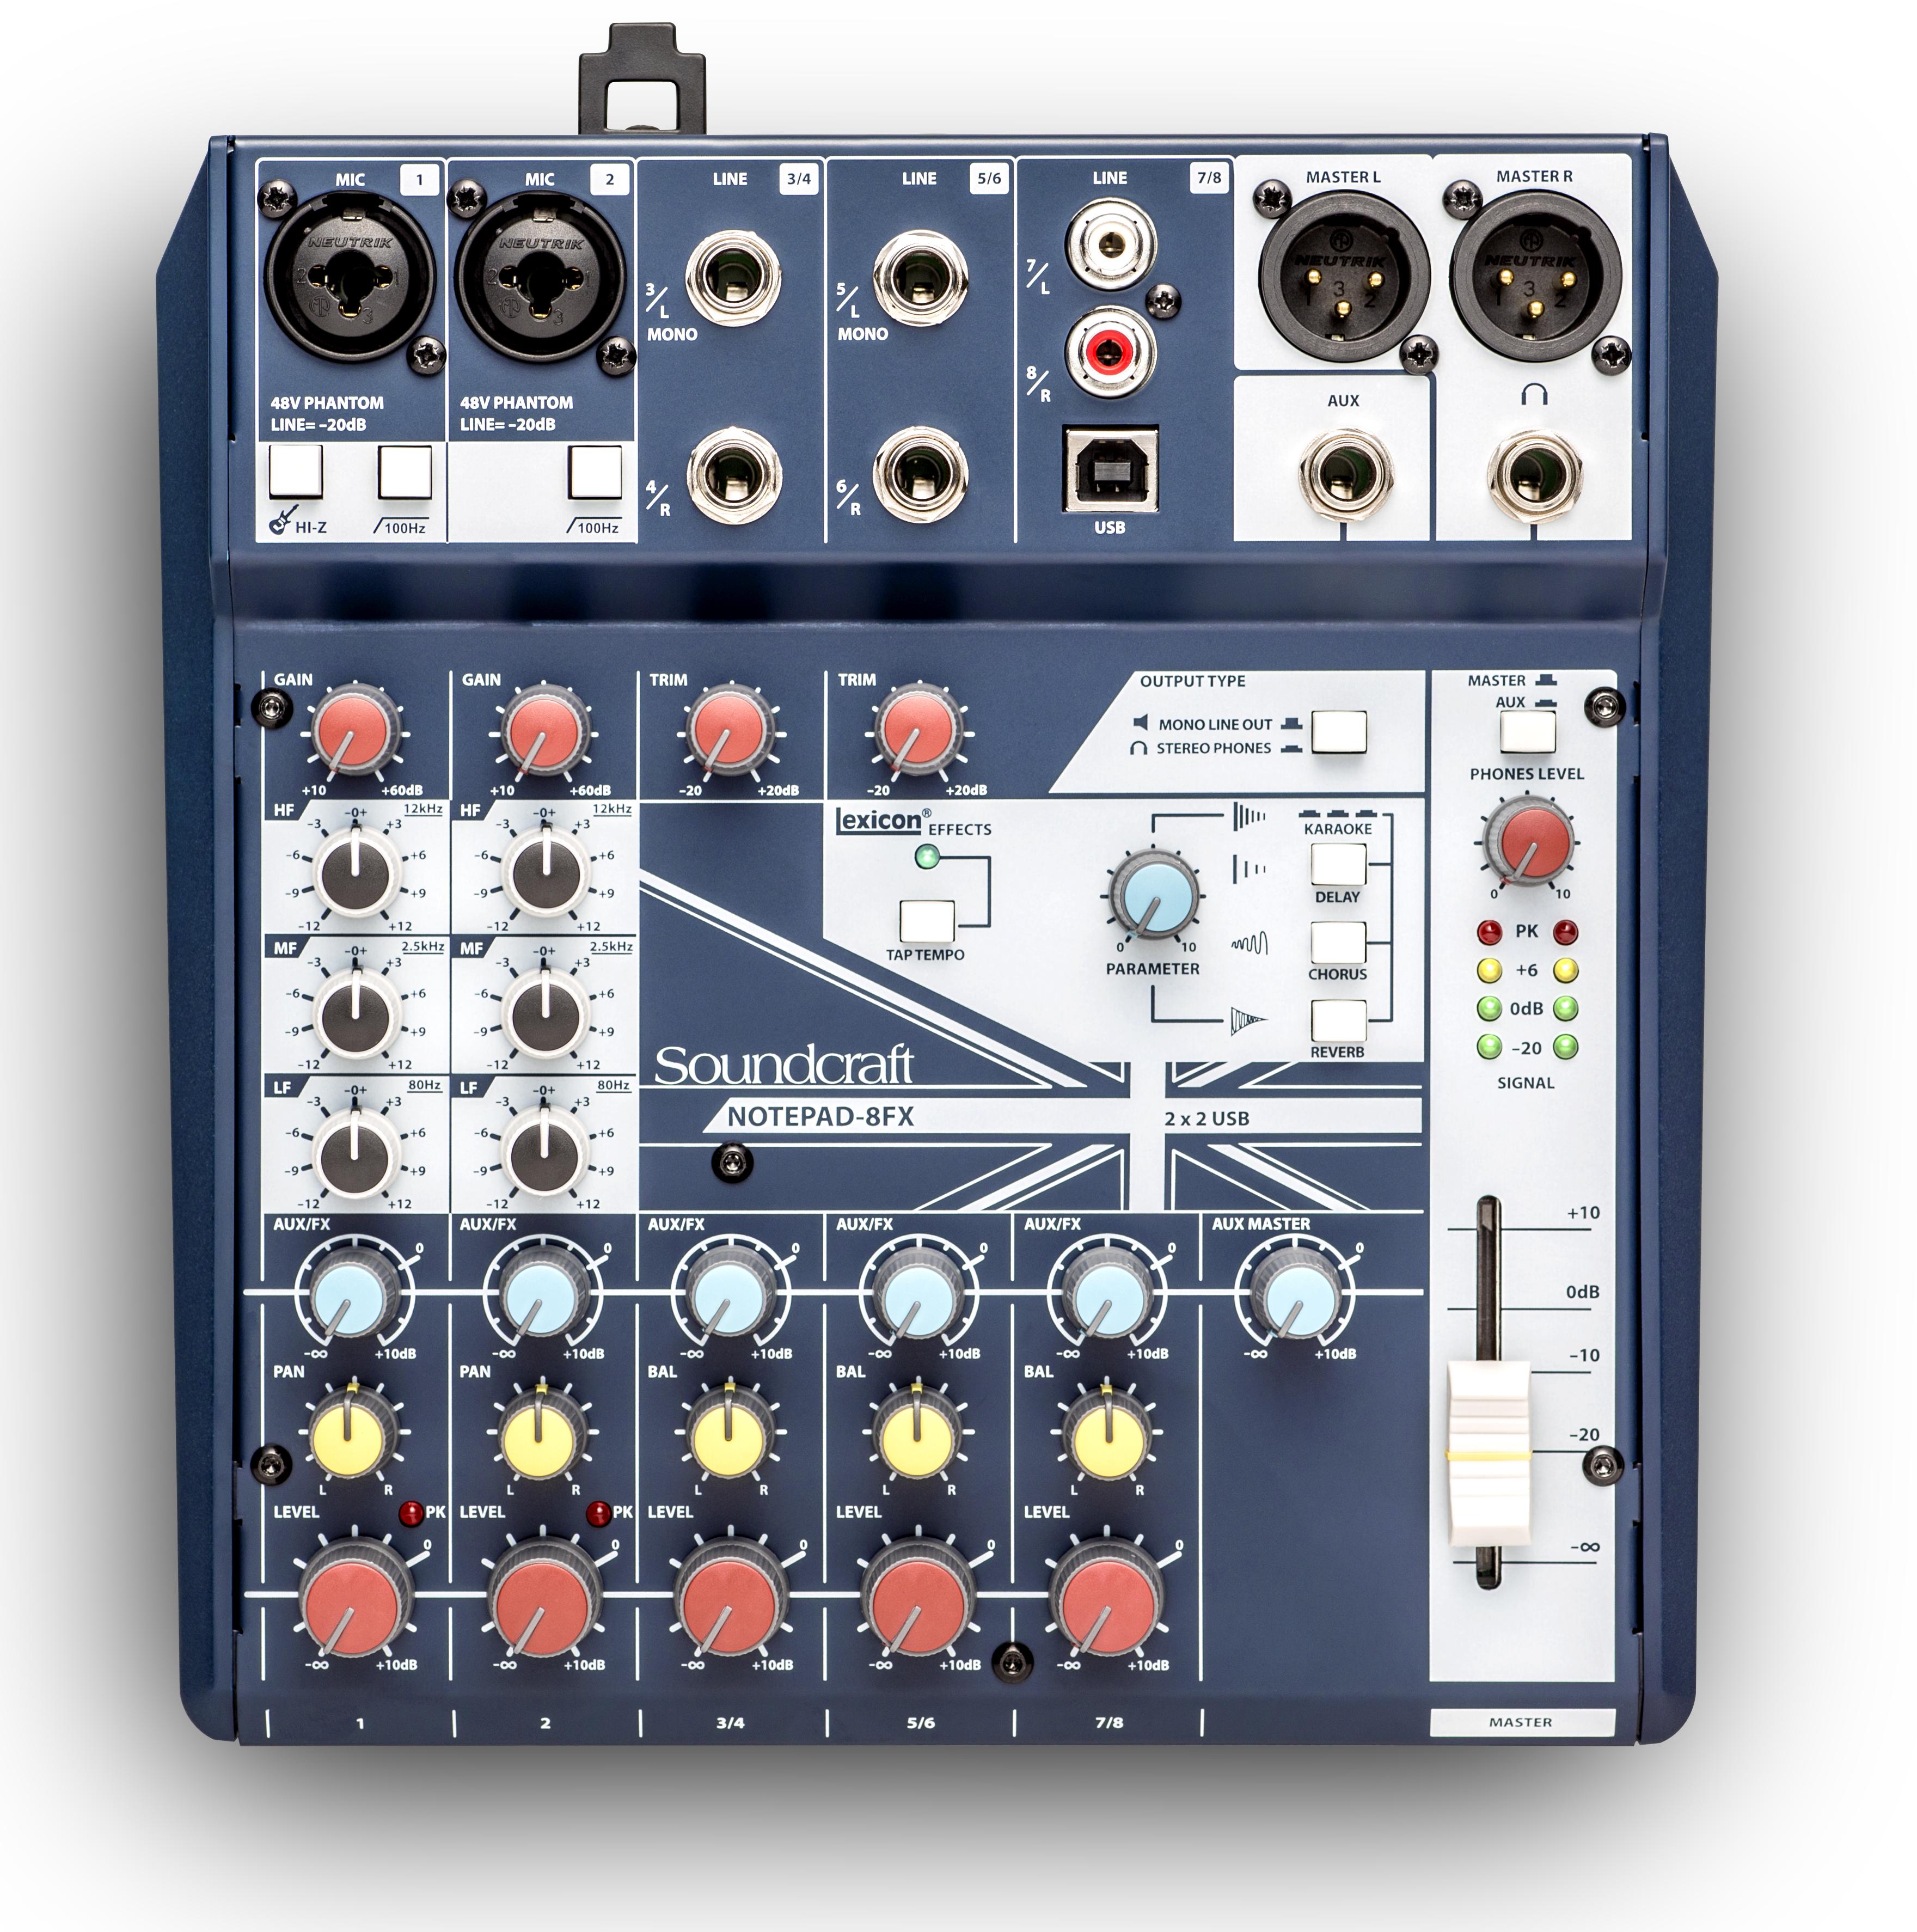 www.soundcraft.com